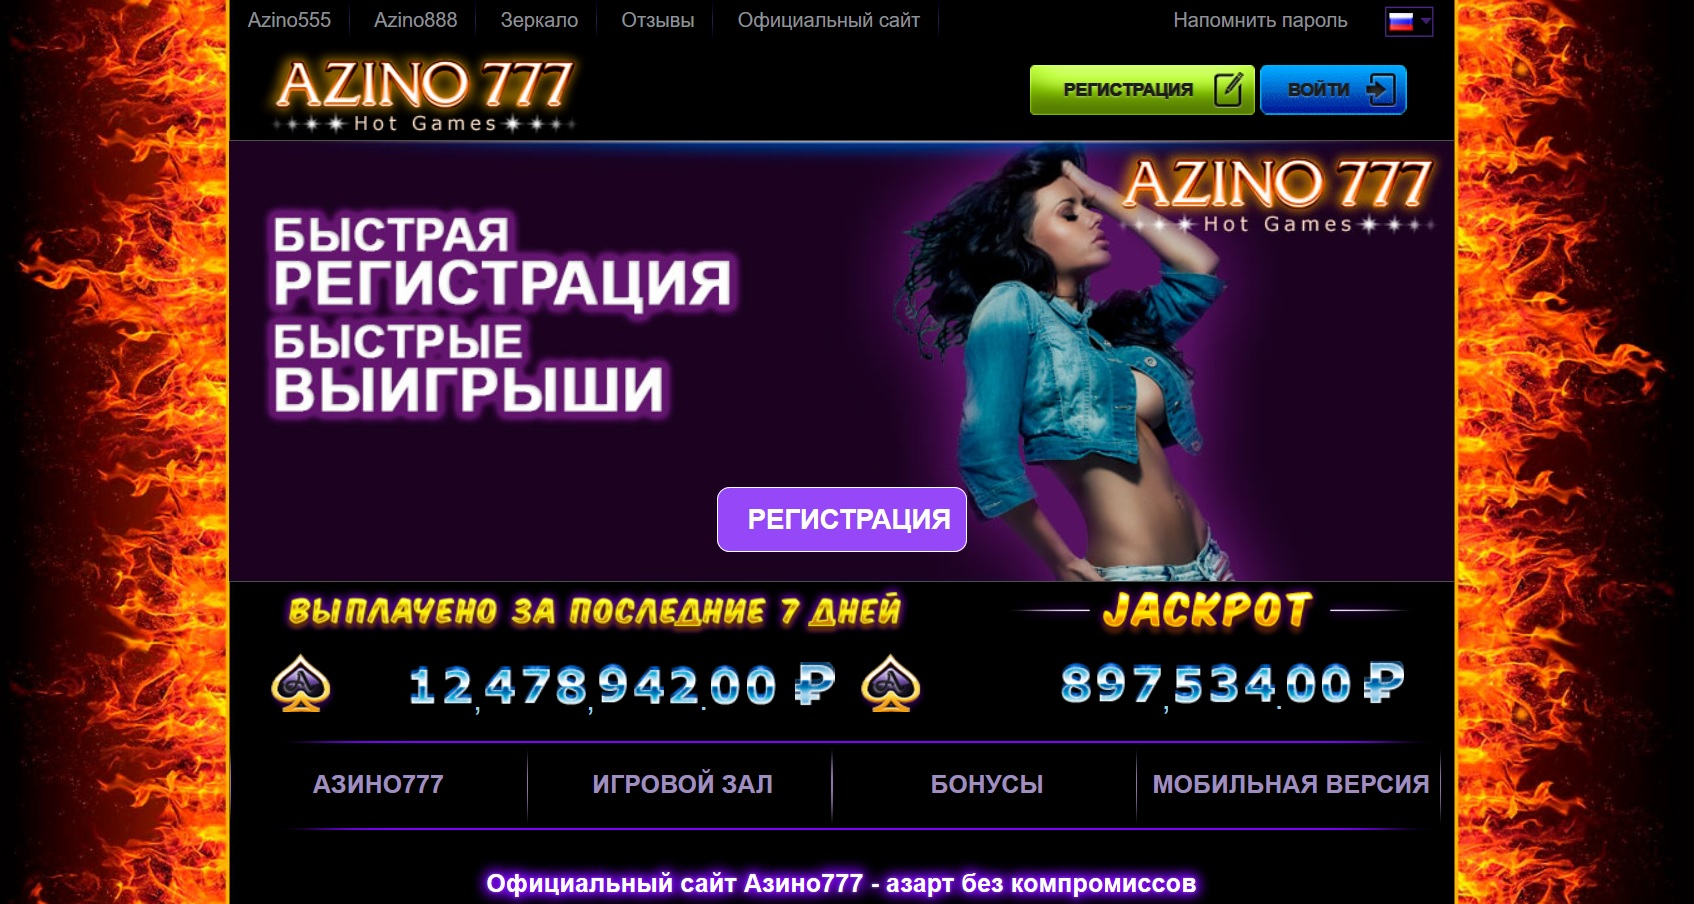 www азино777 официальный сайт